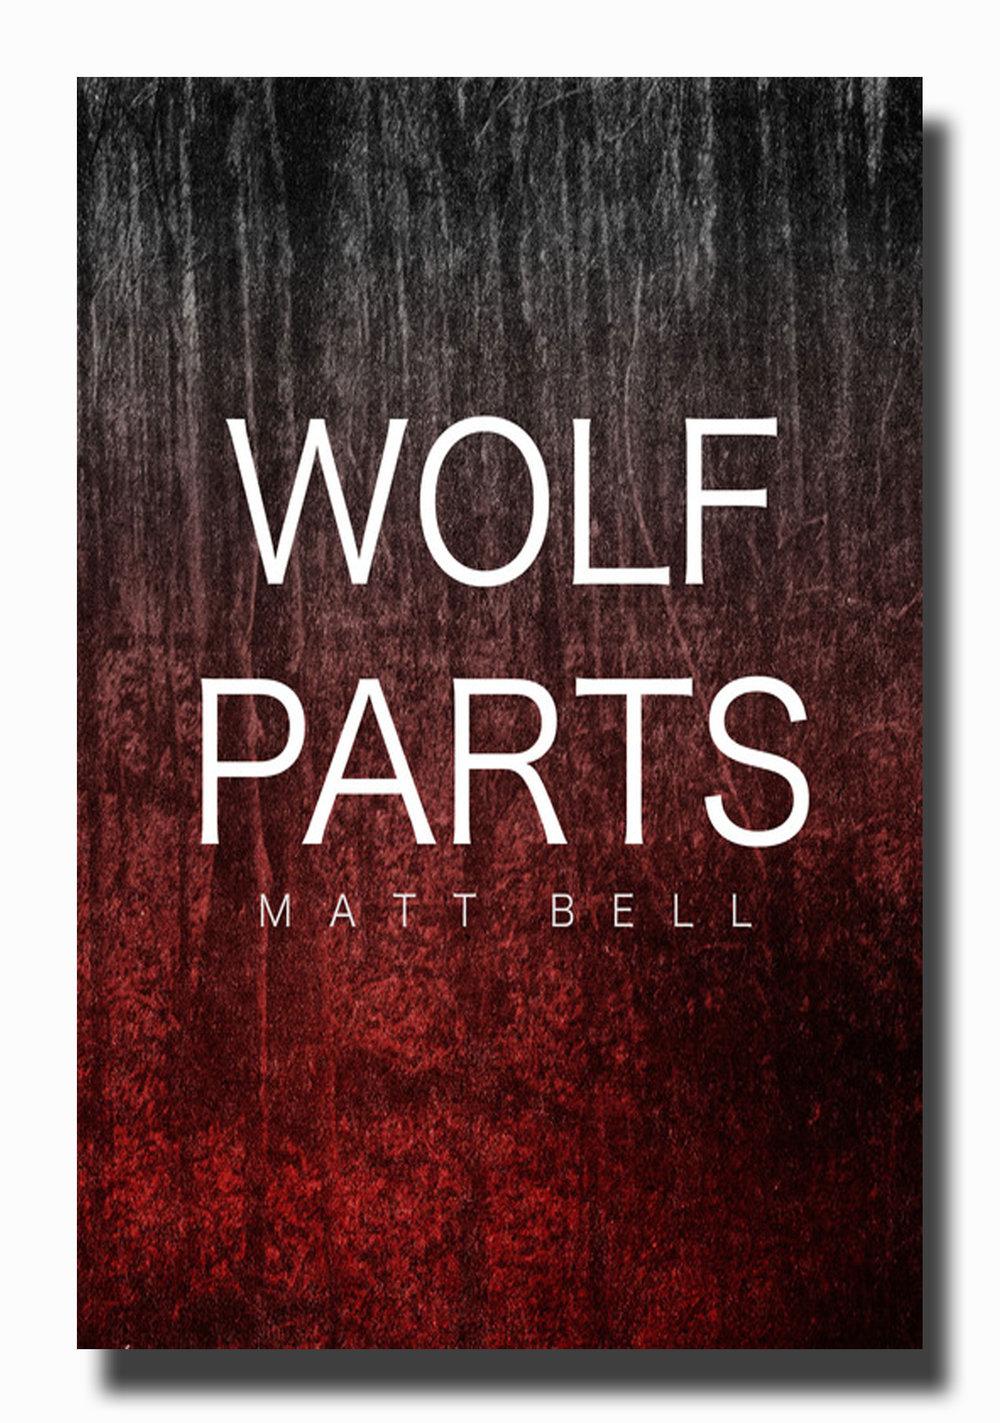 wolfparts.jpg